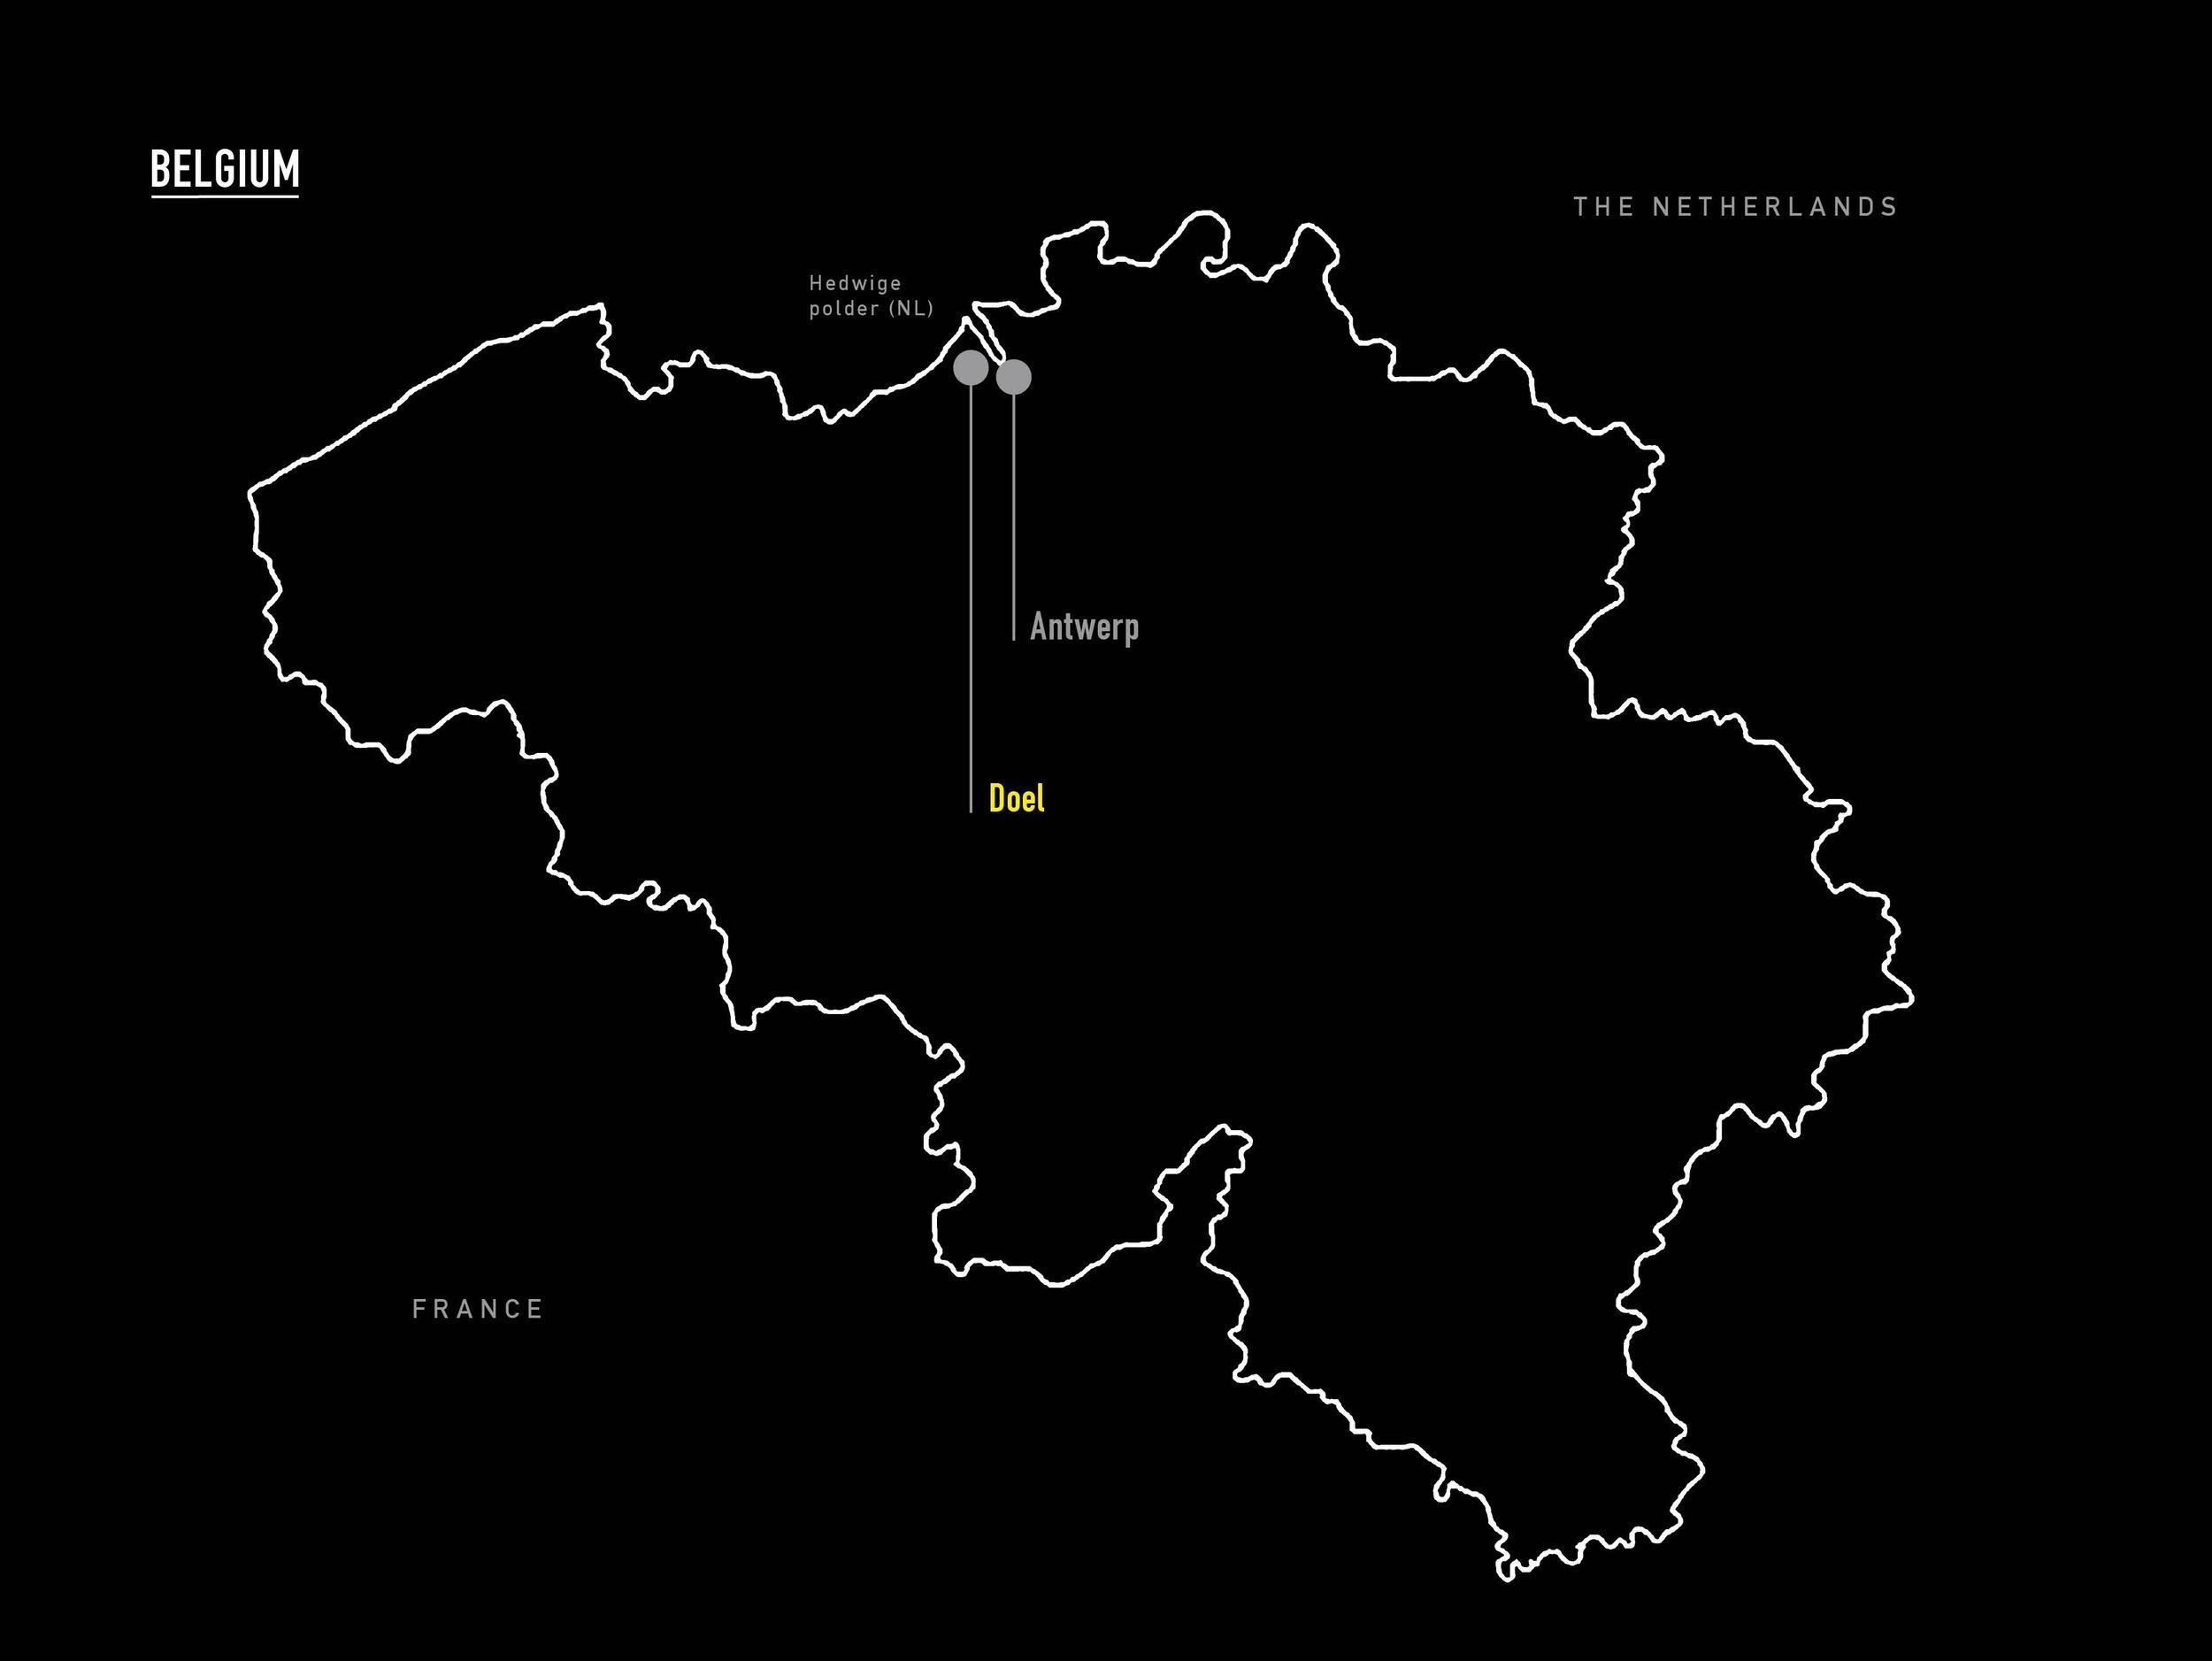 ⎯ Map of Belgium.